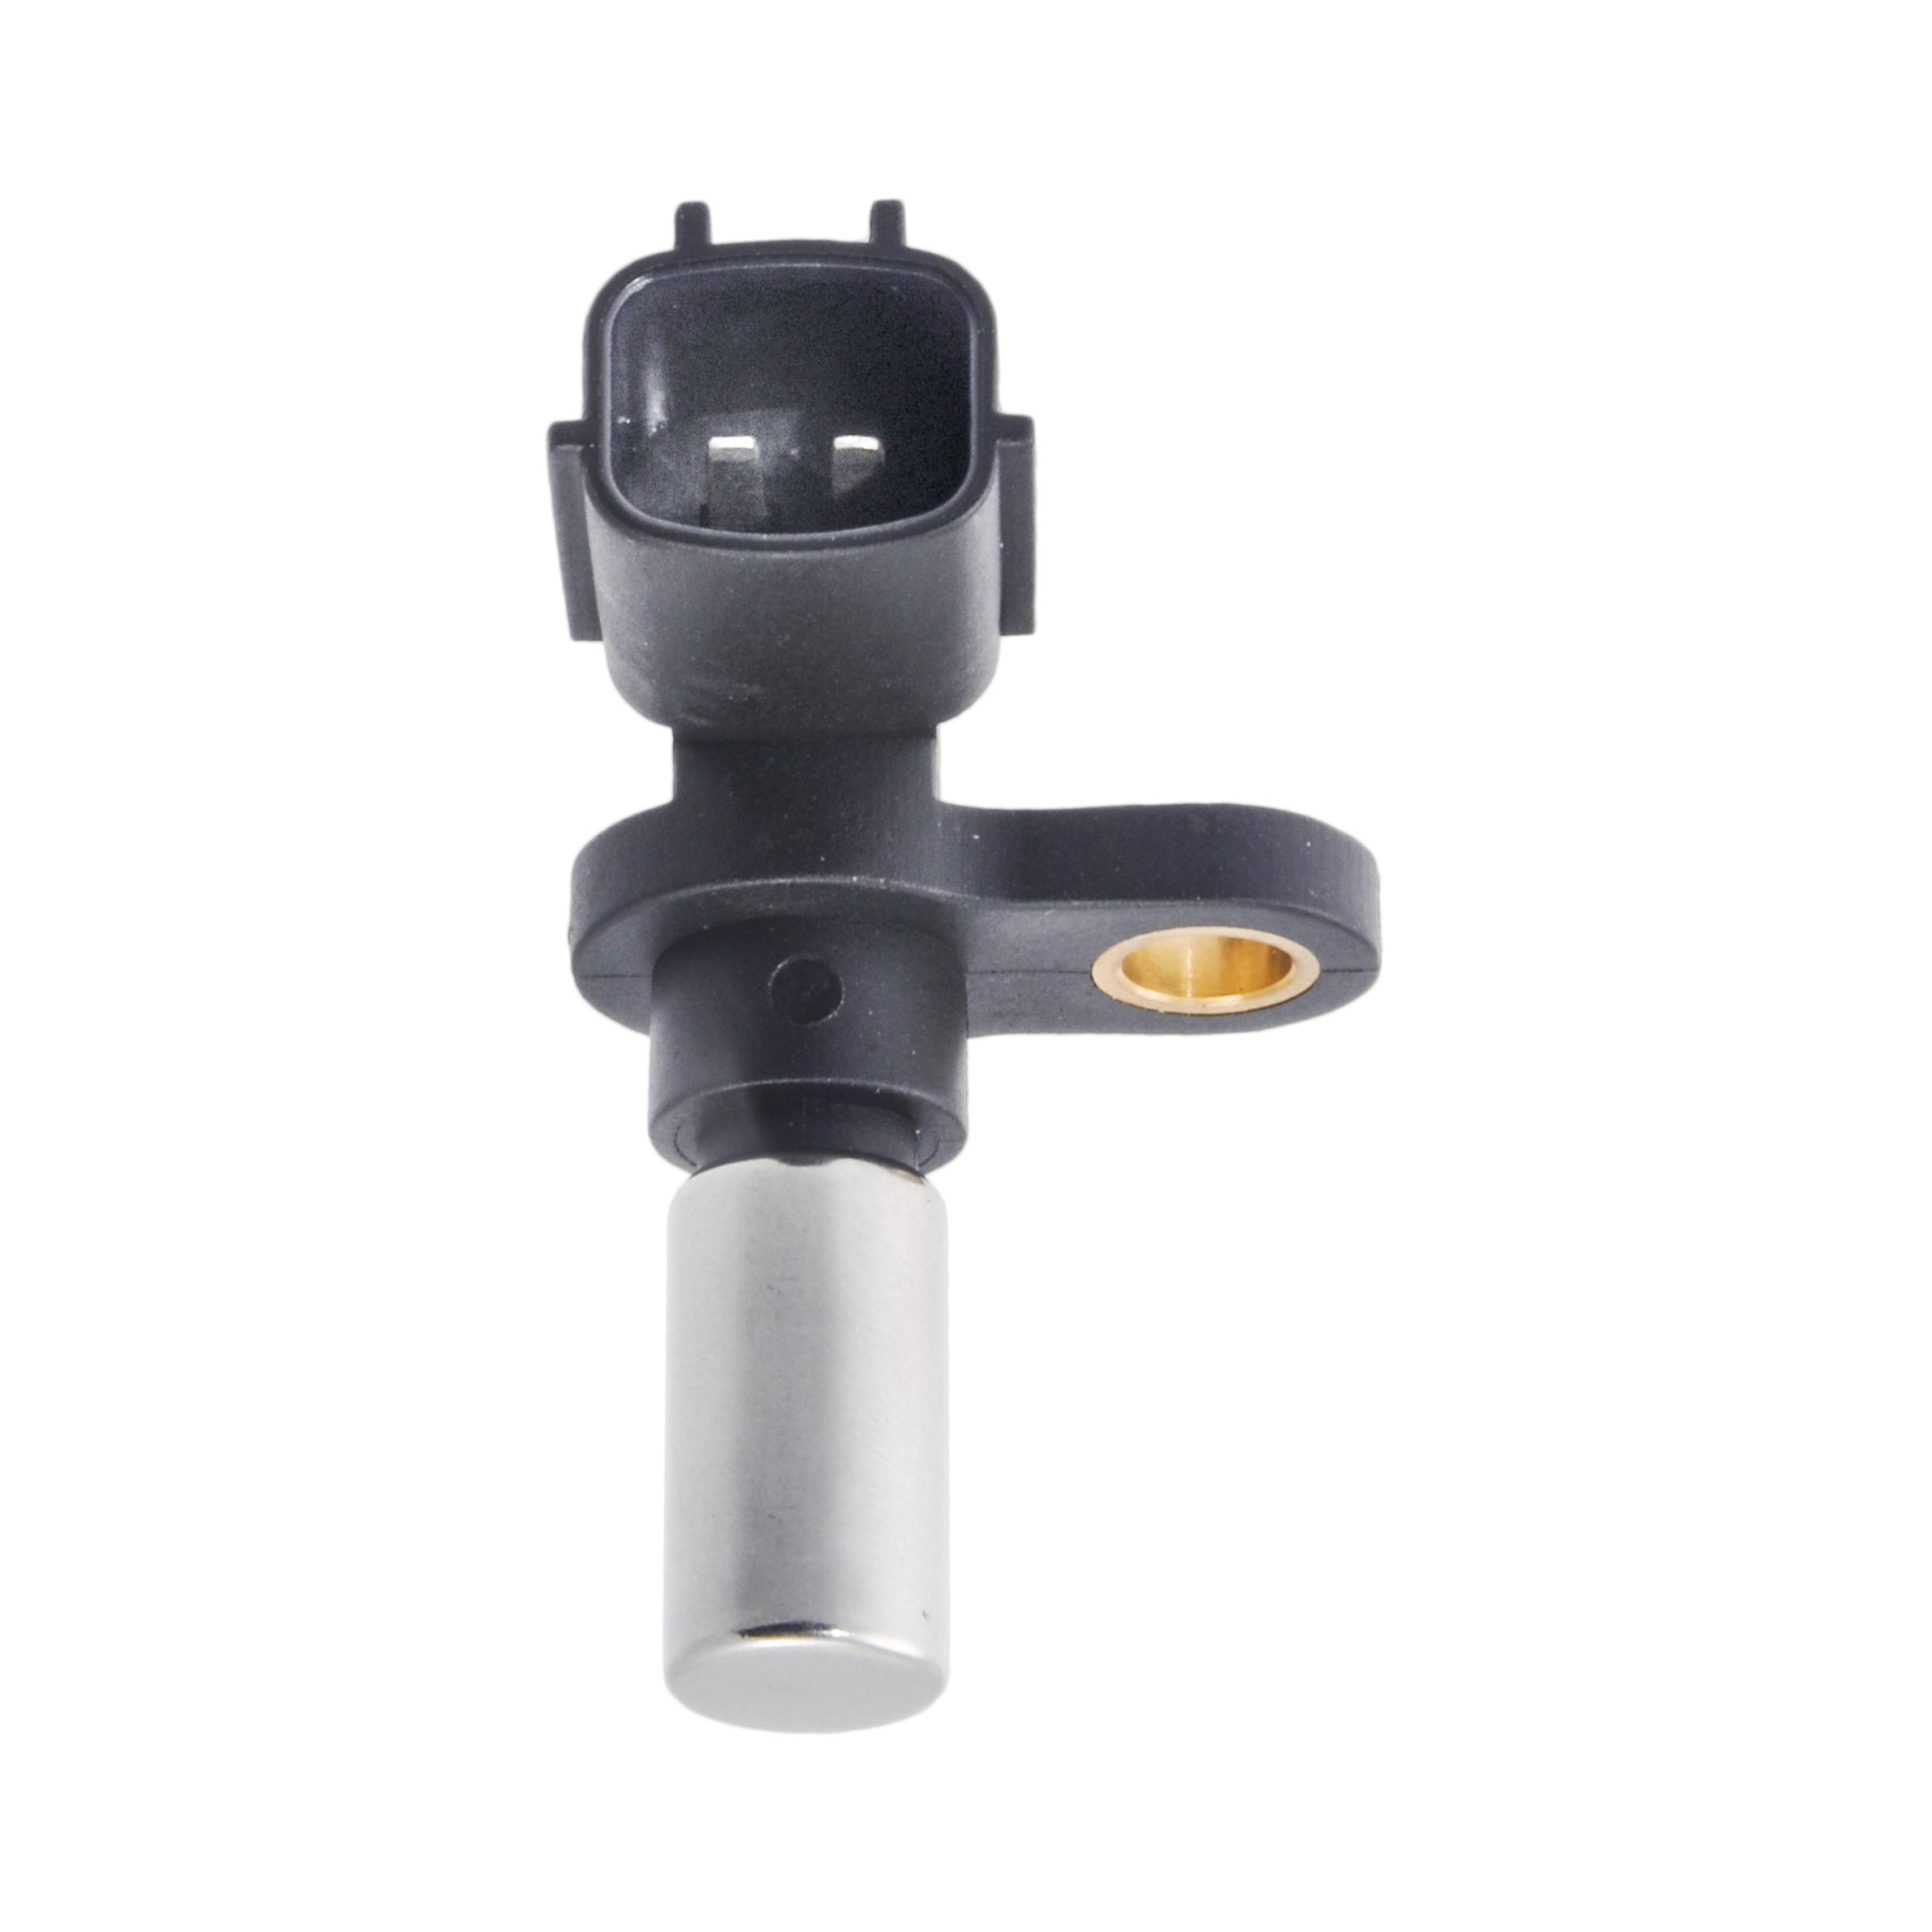 New Herko Crankshaft Position Sensor CKP2019 For Mercury